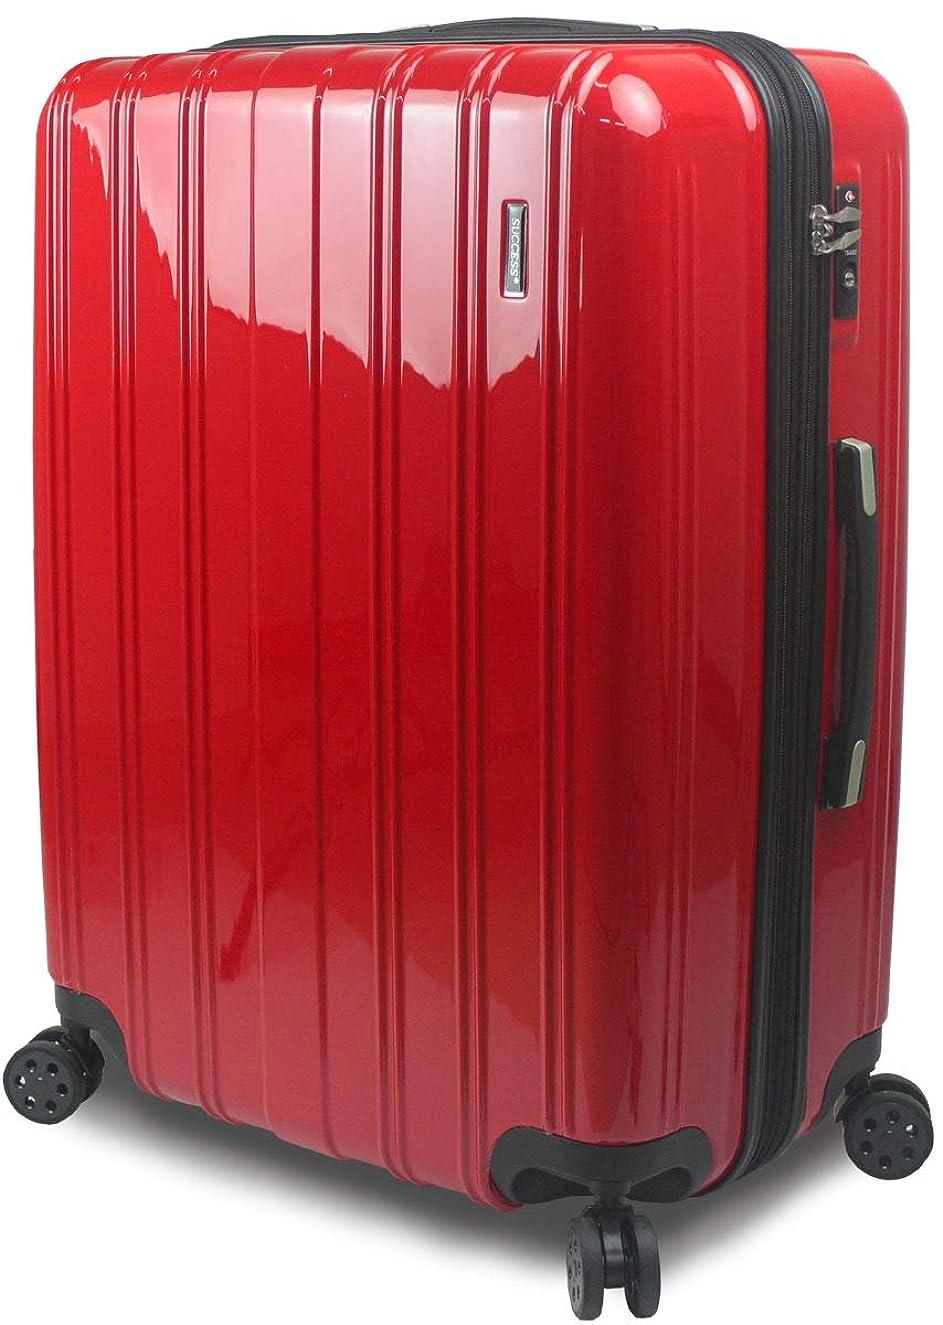 言語同行する商人[サクセス] スーツケース 超軽量 TSAロック 搭載 レグノライト2020~ 大型 Lサイズ ミラー加工 超軽量 ダブルファスナー